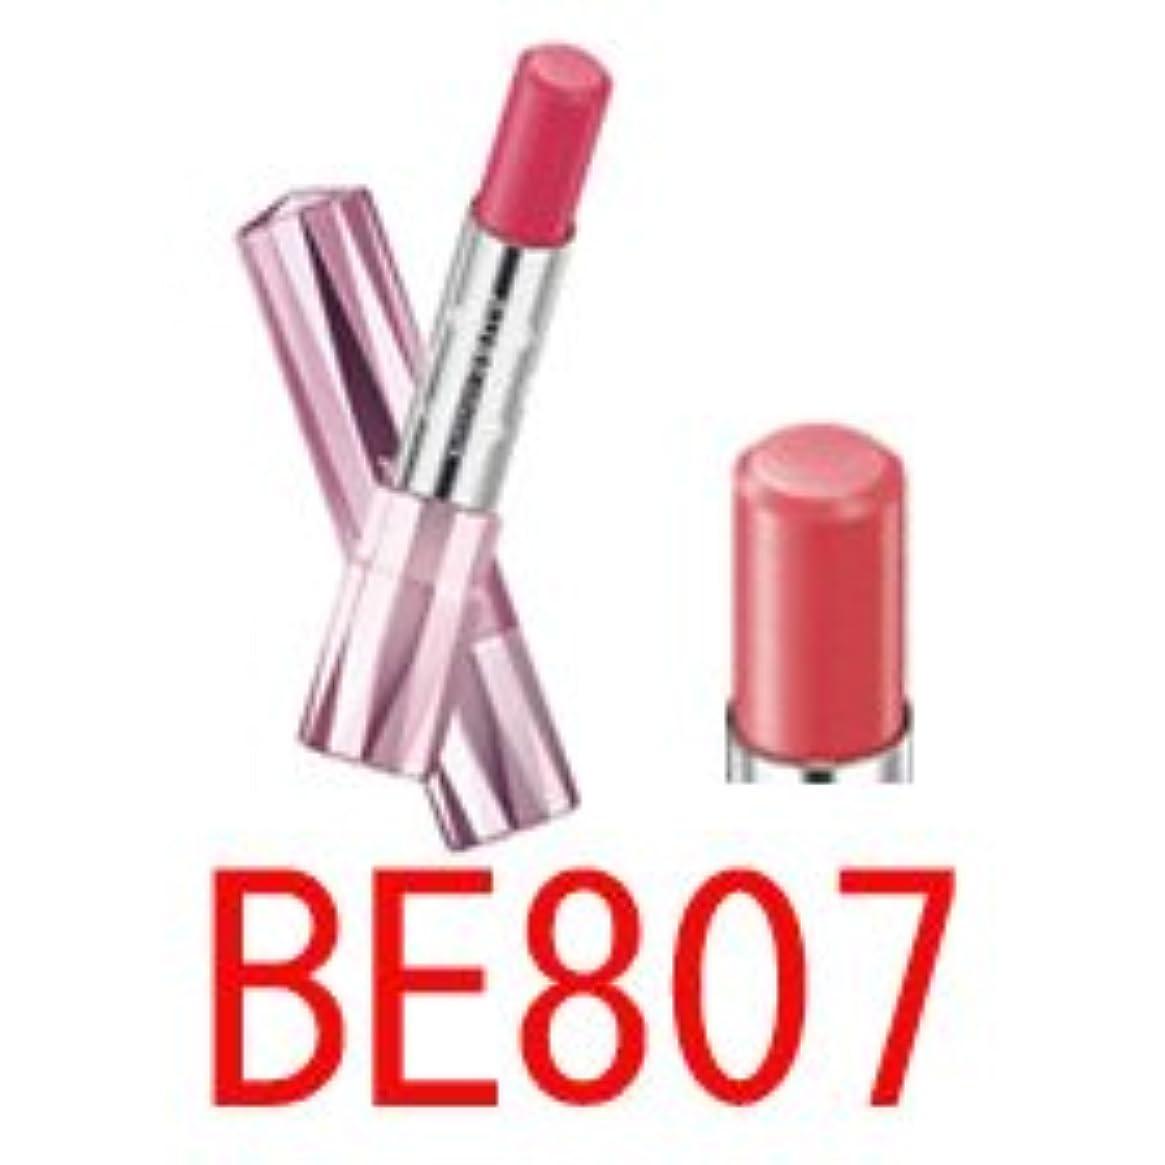 反逆法的探検花王 ソフィーナ オーブクチュール エクセレントステイルージュ BE807 限定色